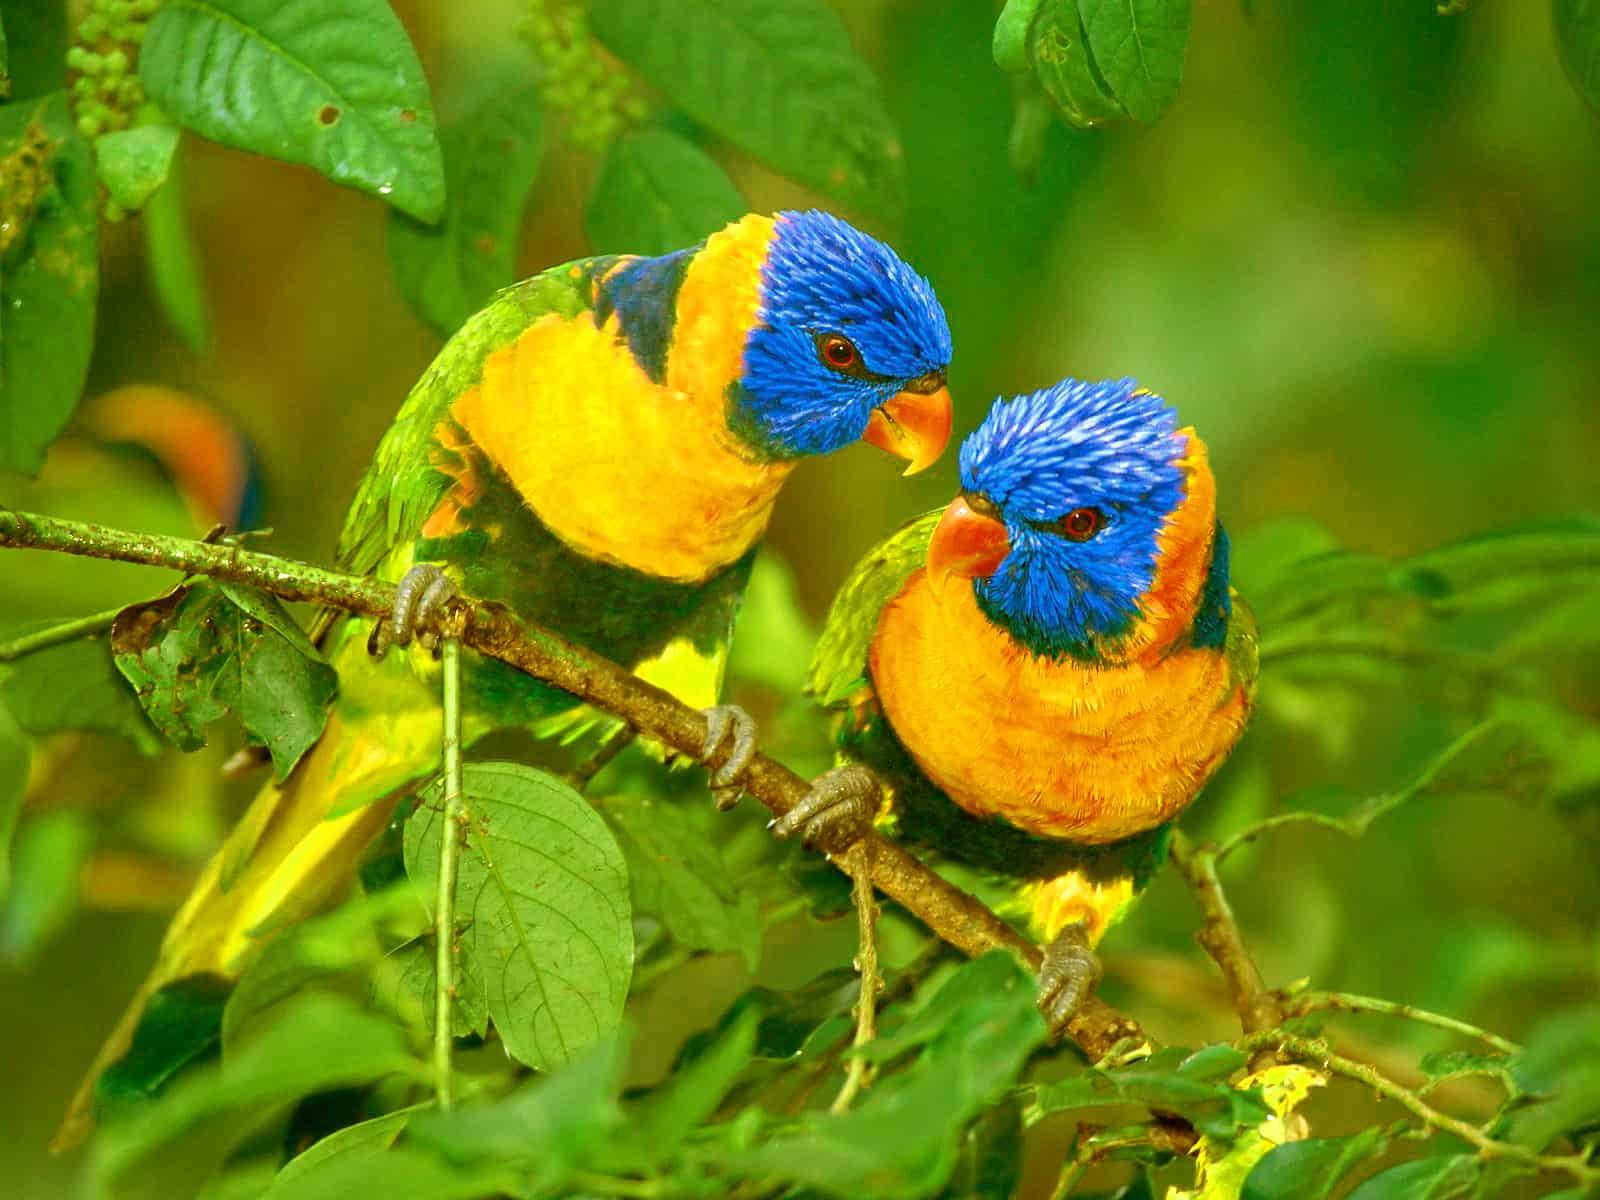 Caique Parrot